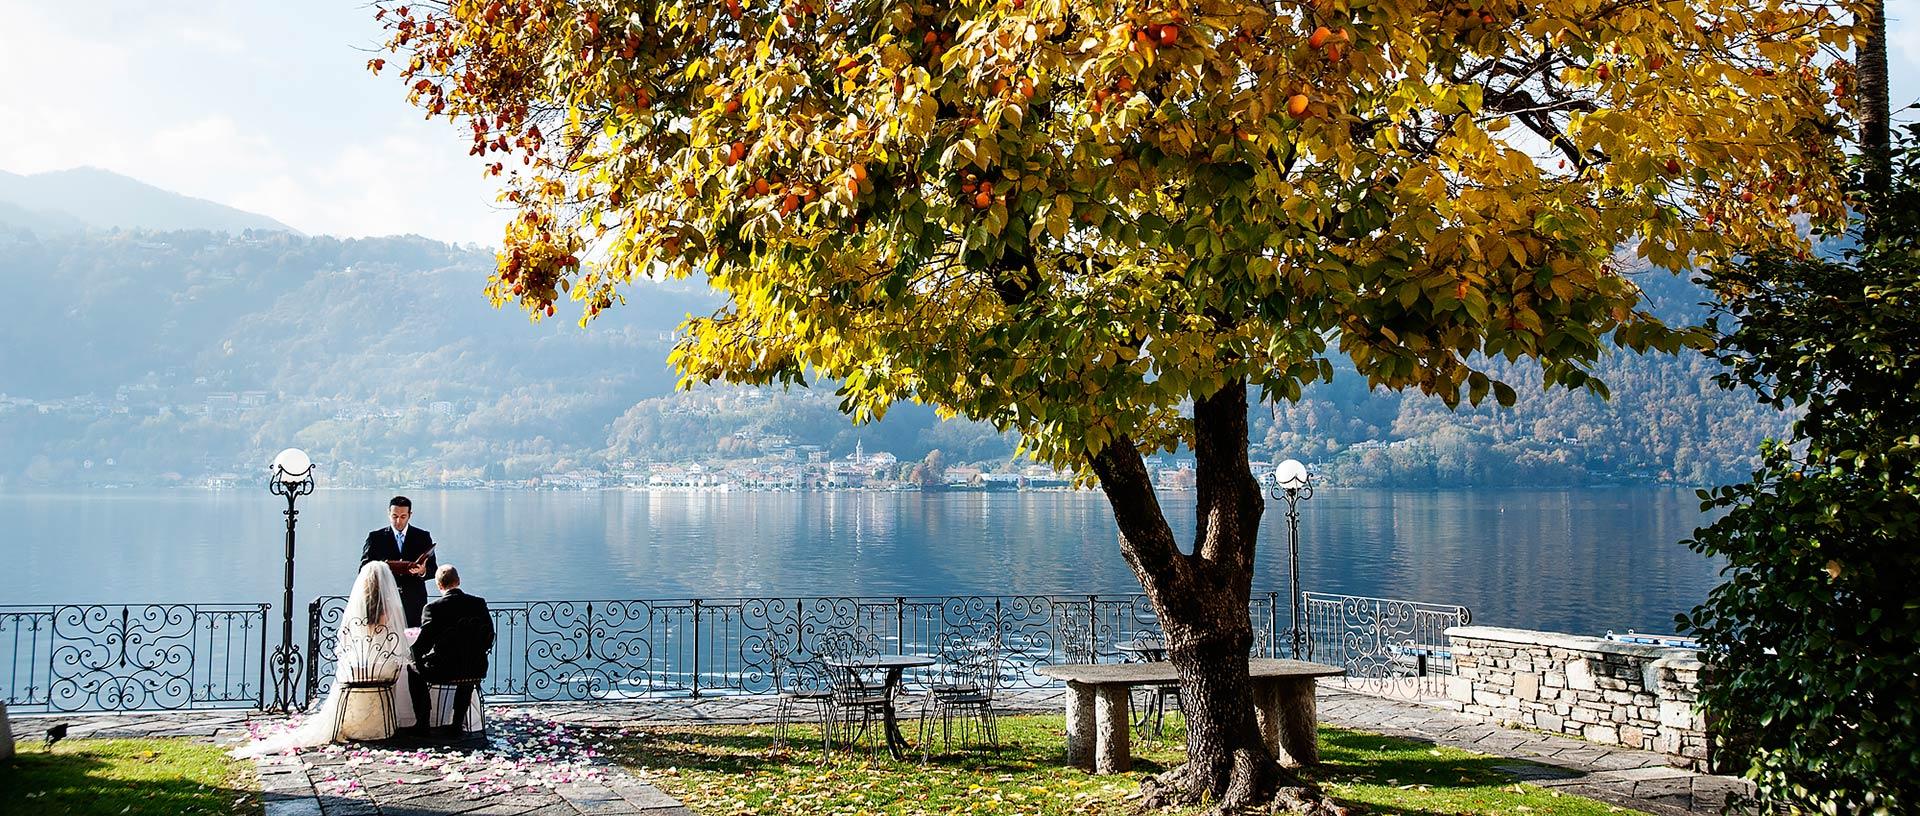 Elope on Lake Orta